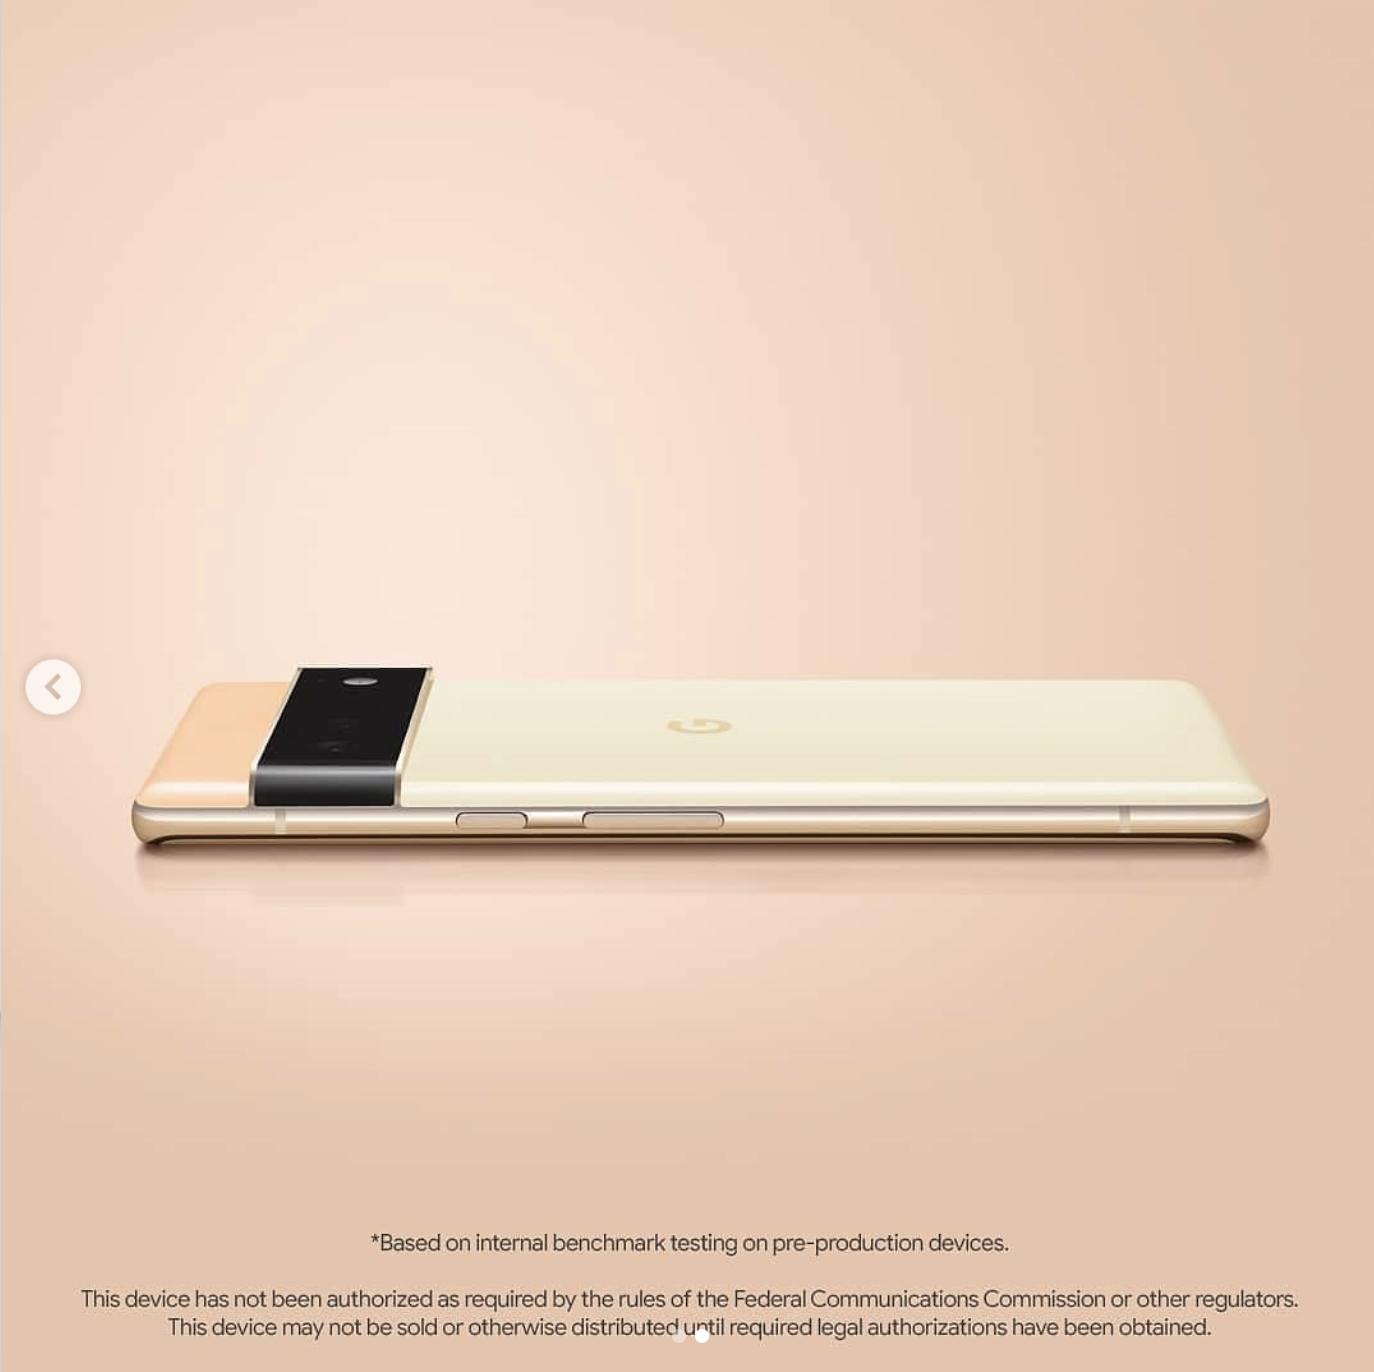 Pixel 6 Pro Photo - Gold Color